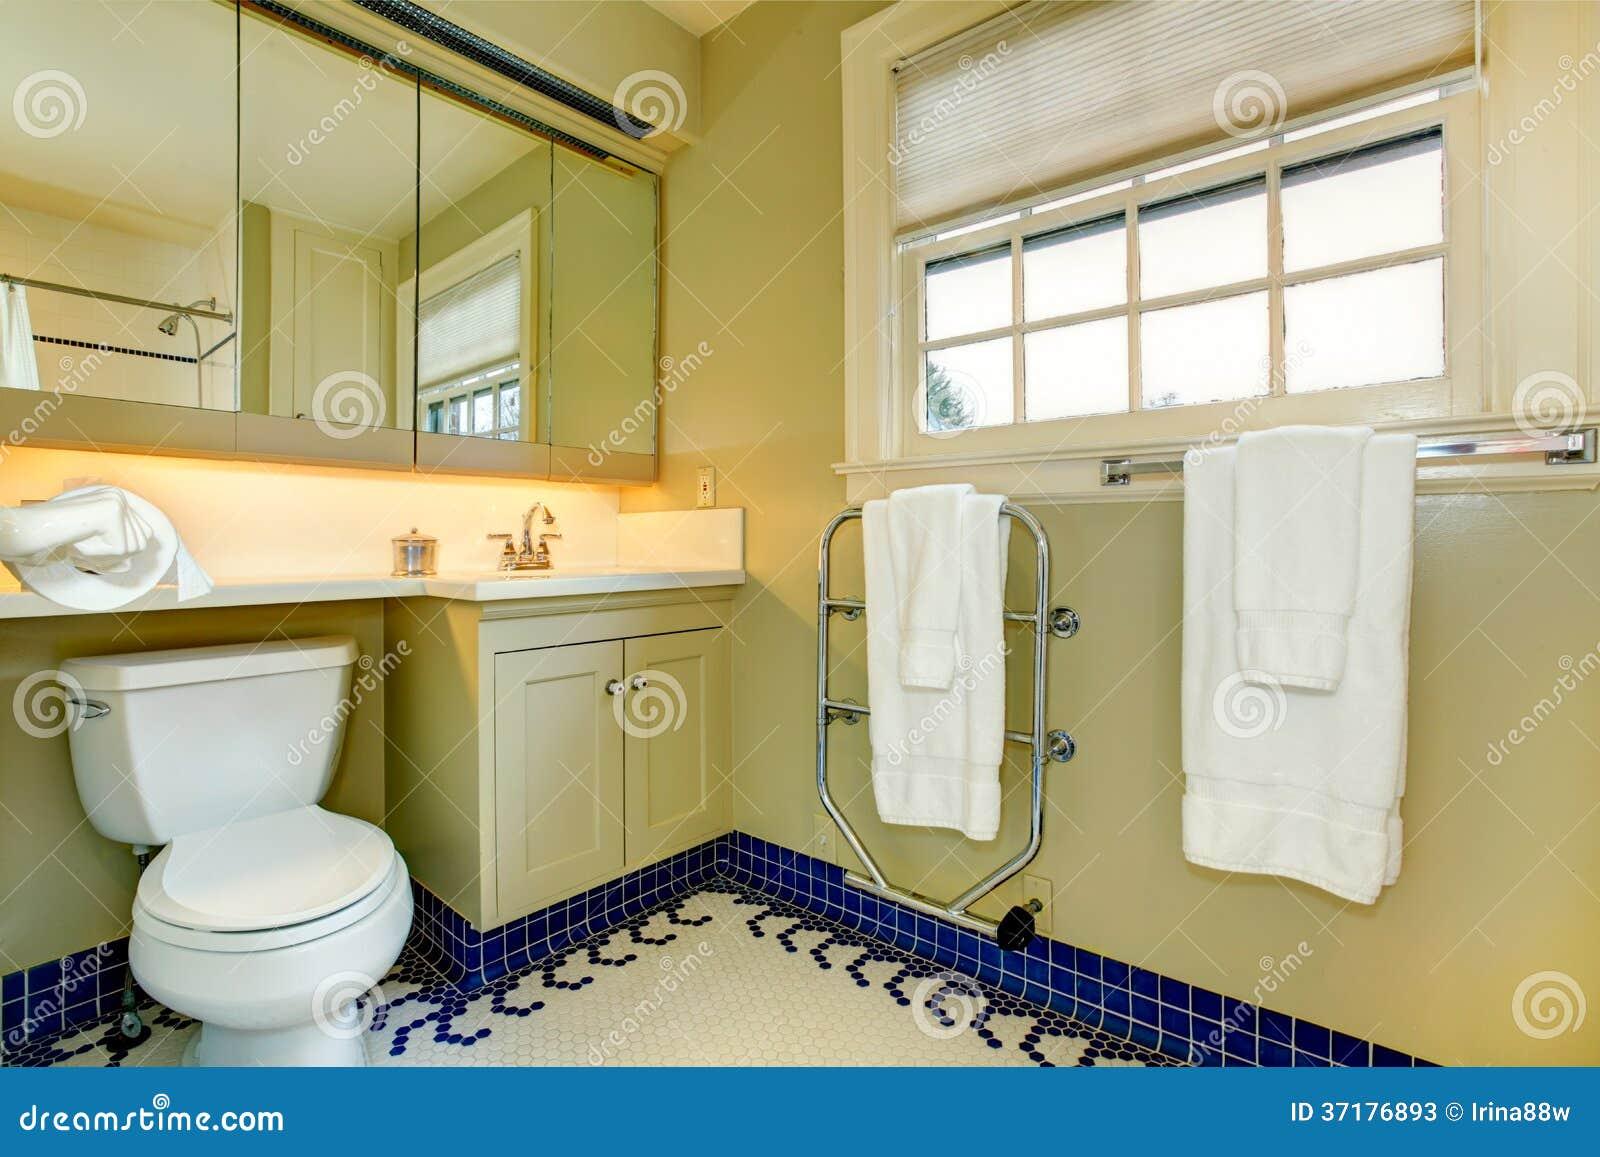 Banheiro Amarelo Brilhante Com O Assoalho De Telha Azul Fotos de Stock  #614C0C 1300x957 Amarelo No Banheiro